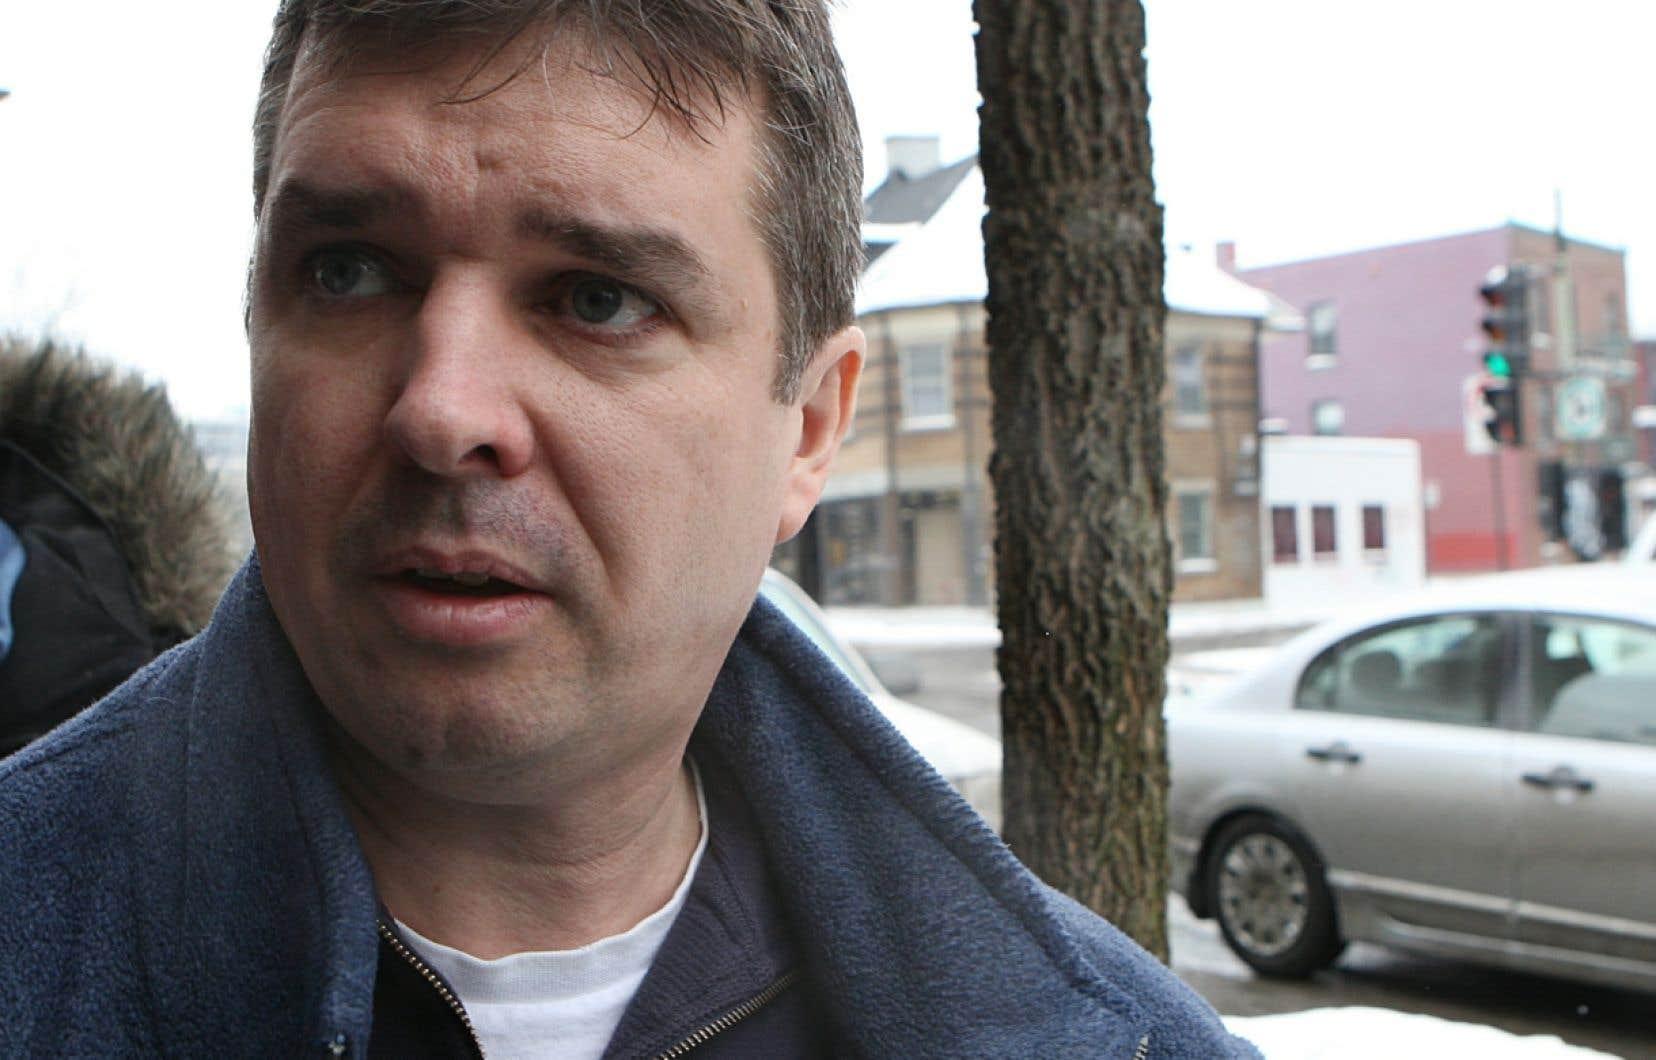 Vincent Lacroix, photographié alors qu'il arrivait à la maison de transition où il demeurait depuis sa libération de prison.